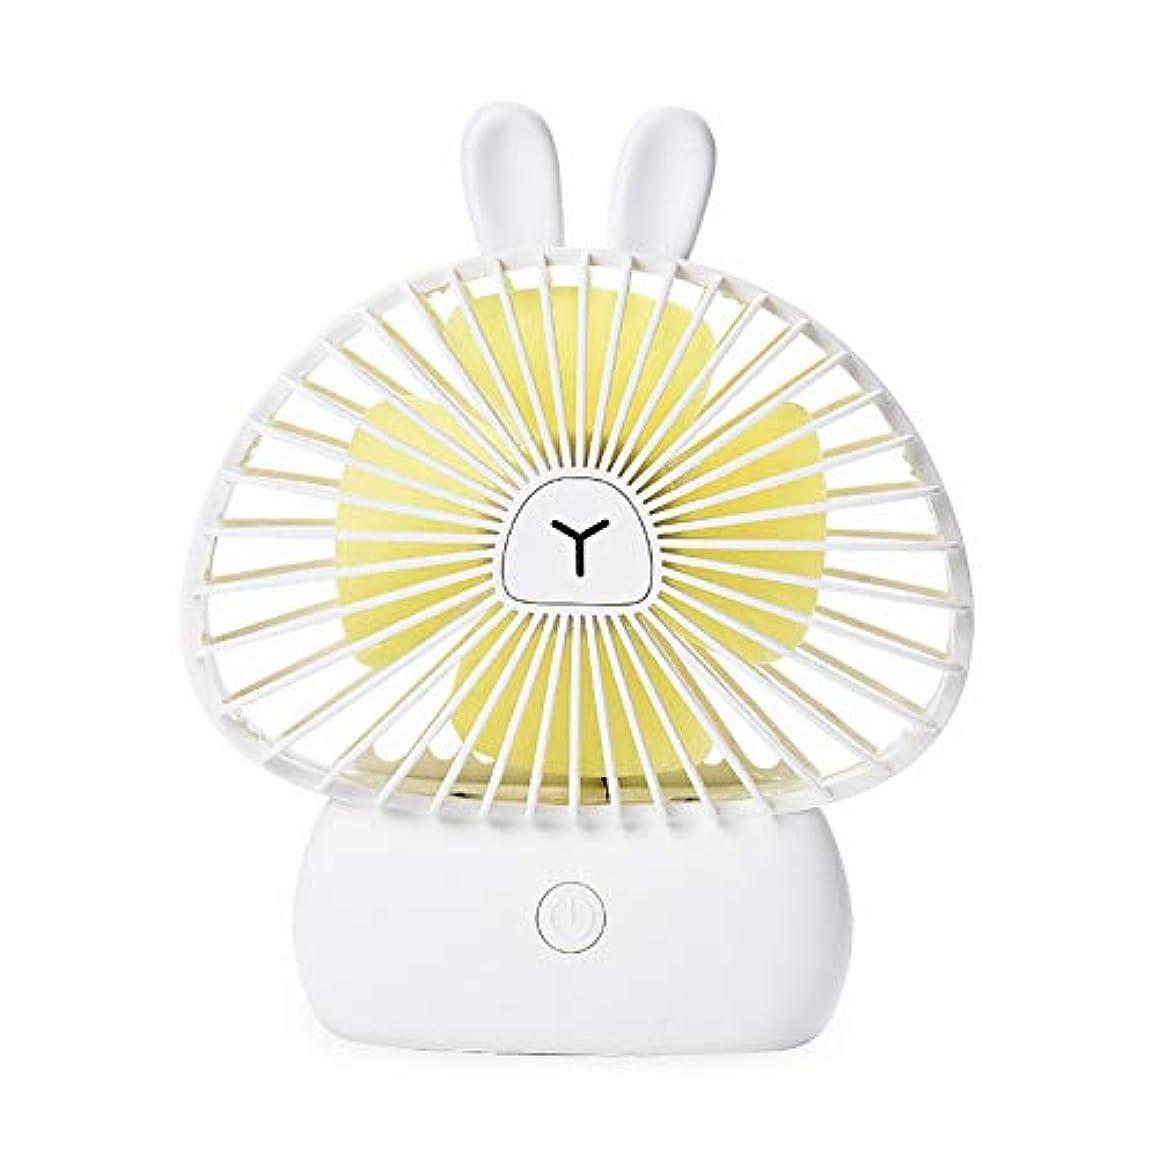 速度ケーキスクラップhamulekfae-ファンポータブル小型ファンかわいいウサギナイトライトUSB充電ポータブルミニ冷却ファンサマークーラー - ホワイト